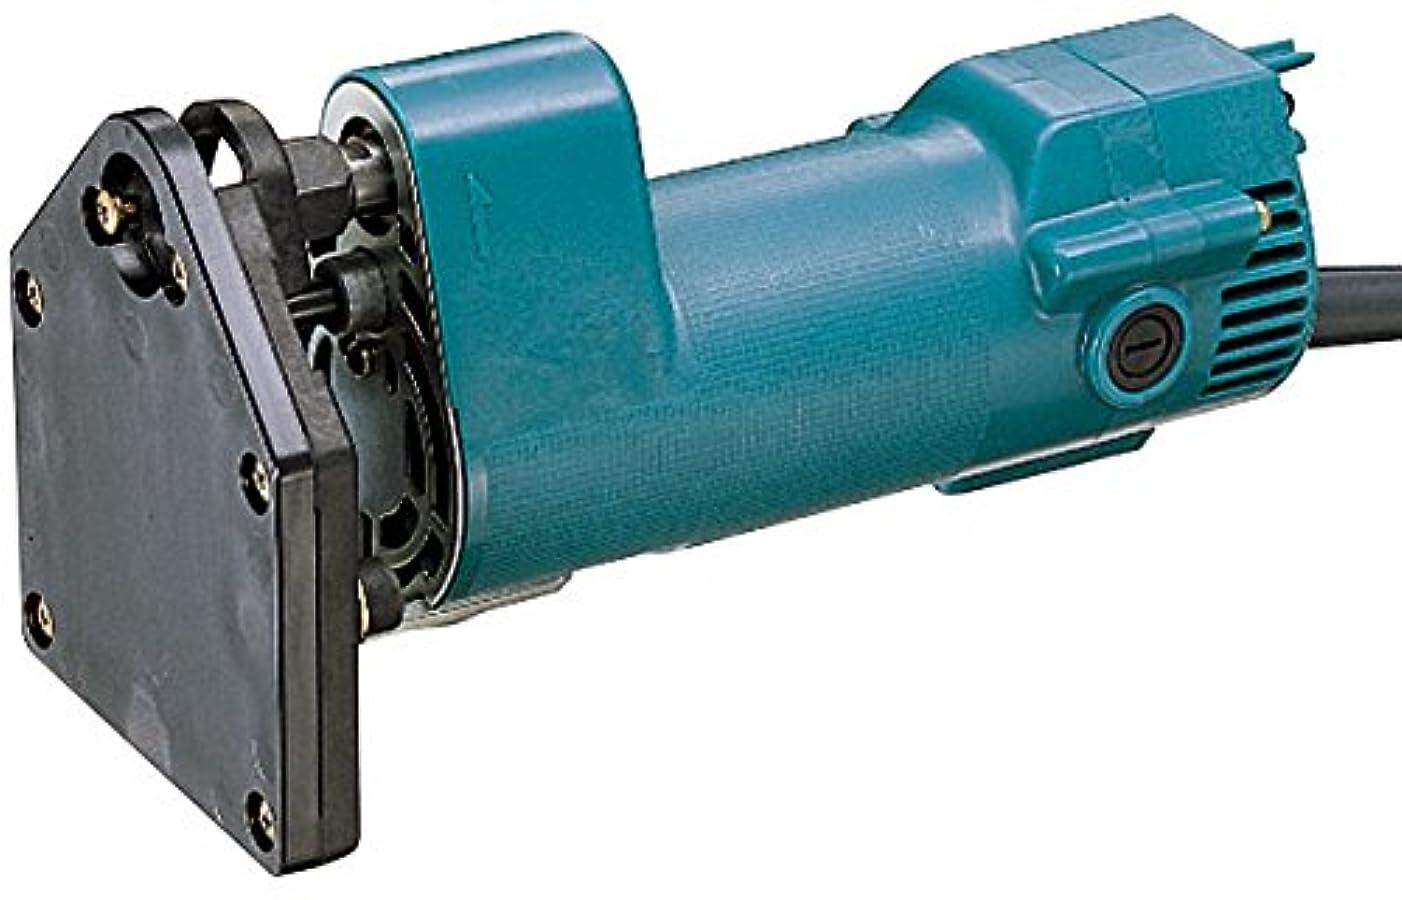 削減大気民主主義マキタ(Makita) トリマ チャック孔径6mm 3705